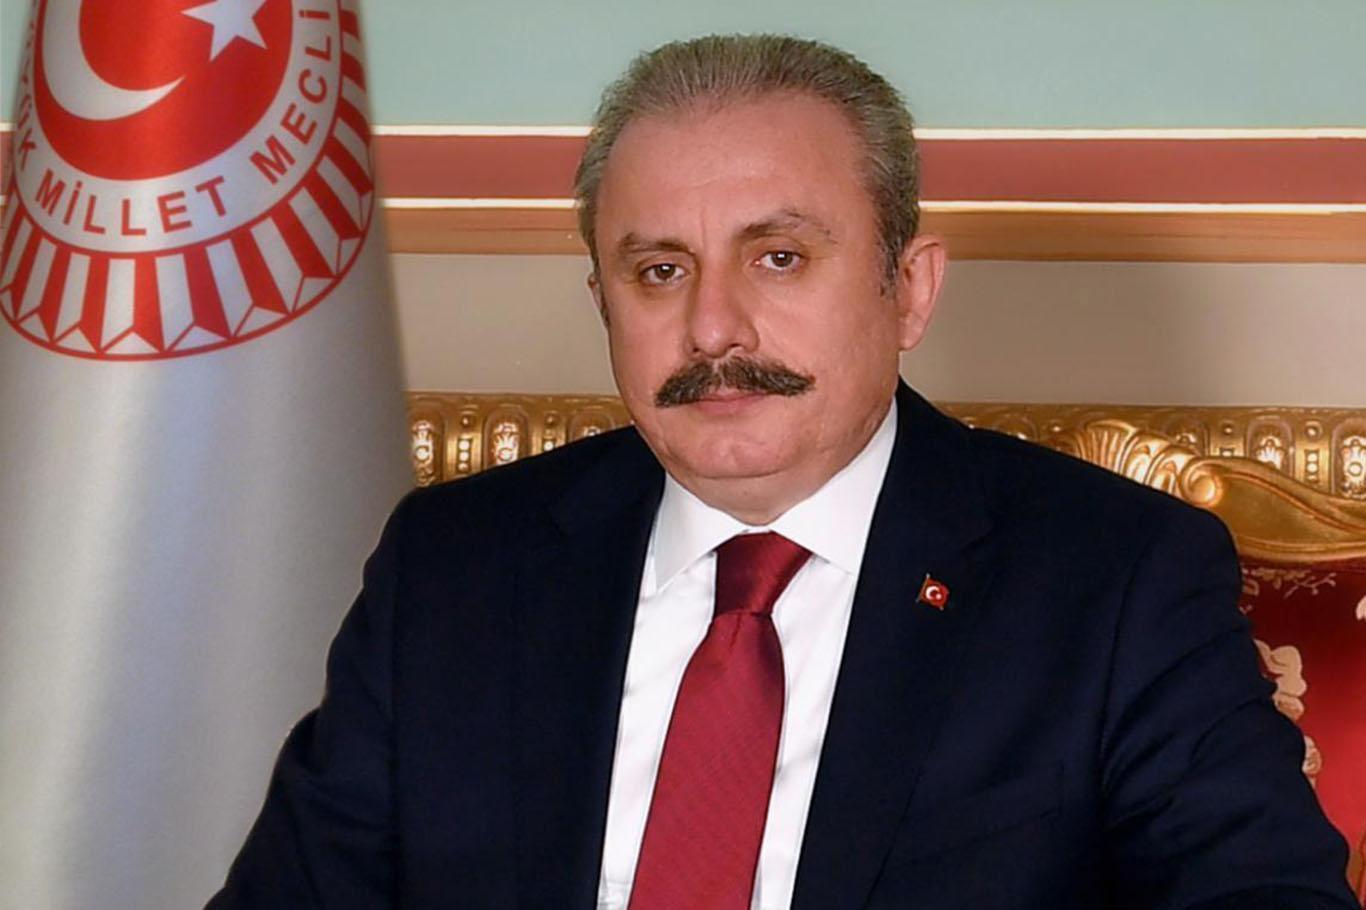 TBMM Başkanı Şentop: Türkiye pek çok ülkede olduğu gibi Lübnan halkına da el uzatacaktır